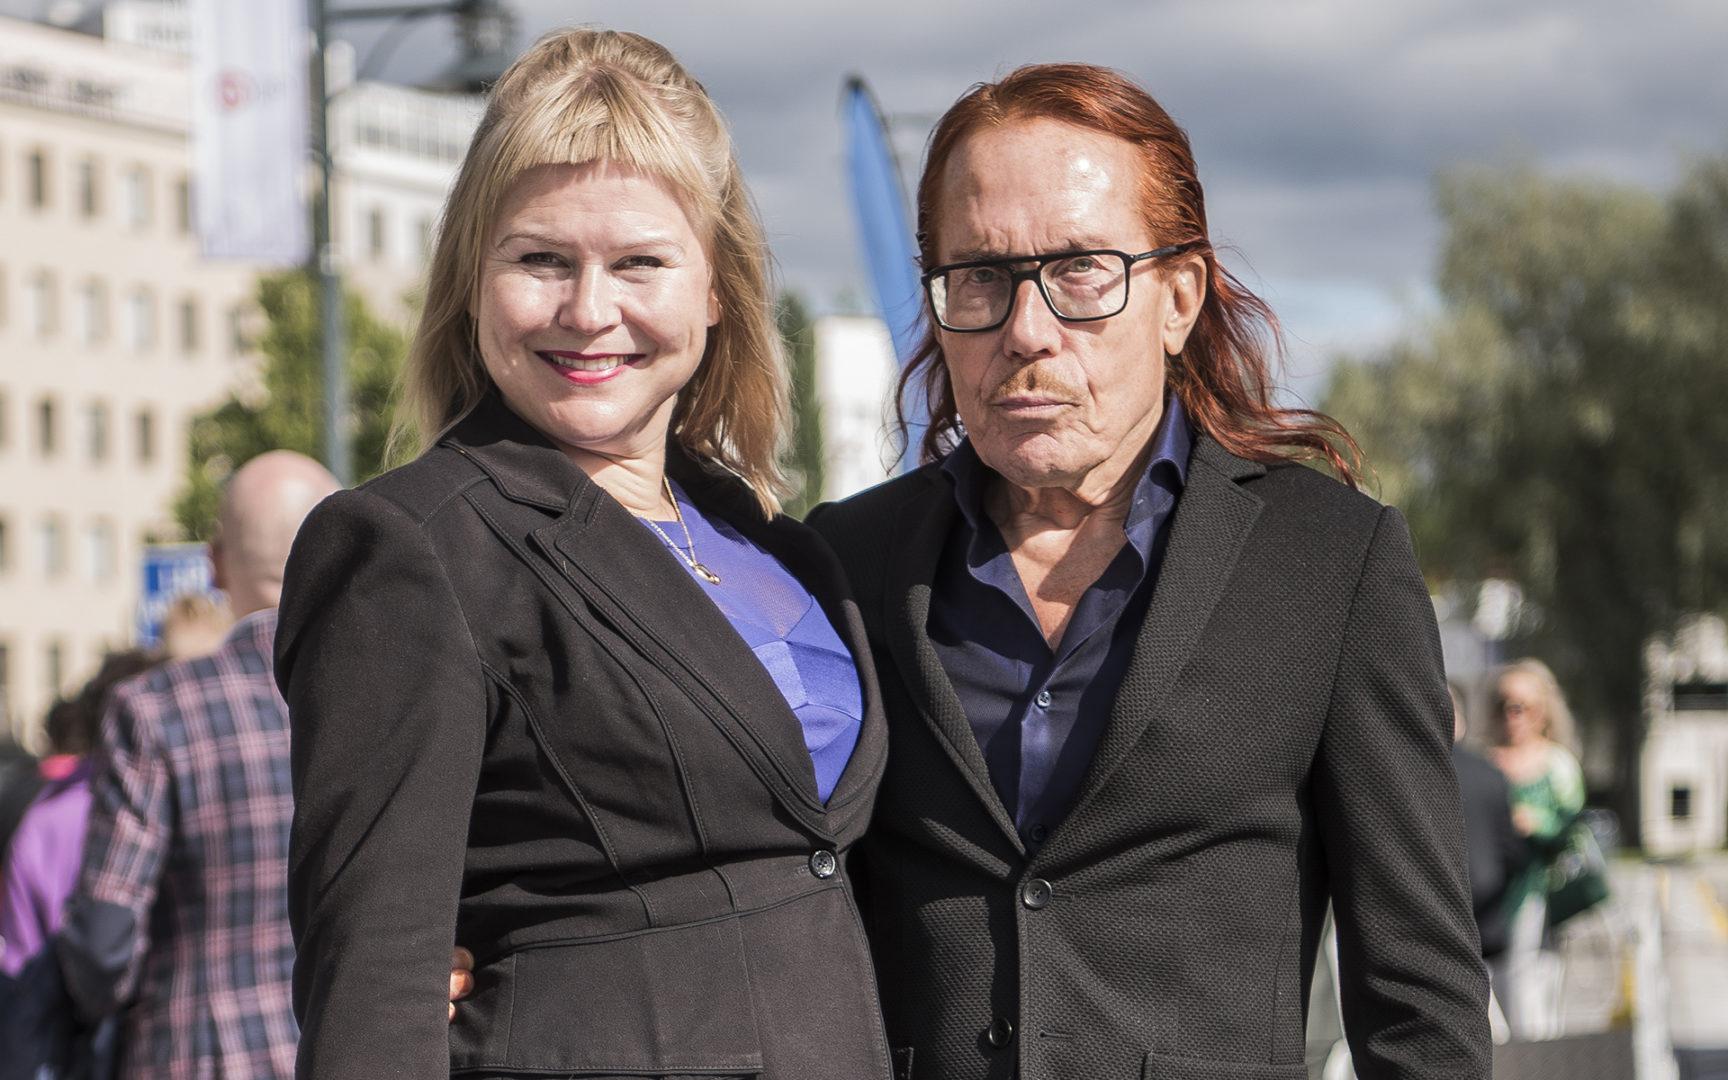 Kesäkuun alussa Mattiesko Hytönen ja puoliso Heidi Strömmer ovat olleet yhdessä jo 20 vuotta.